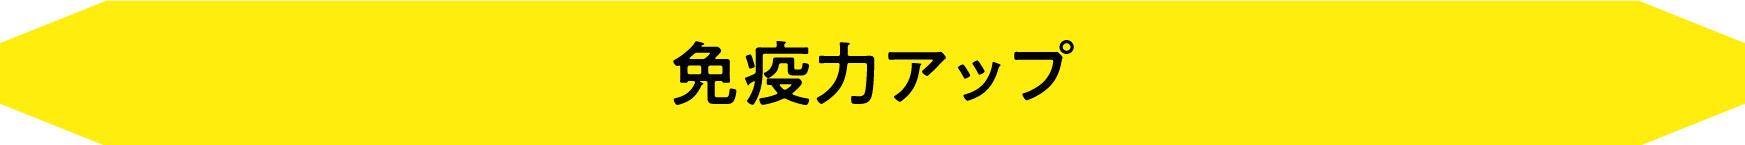 kenkou5